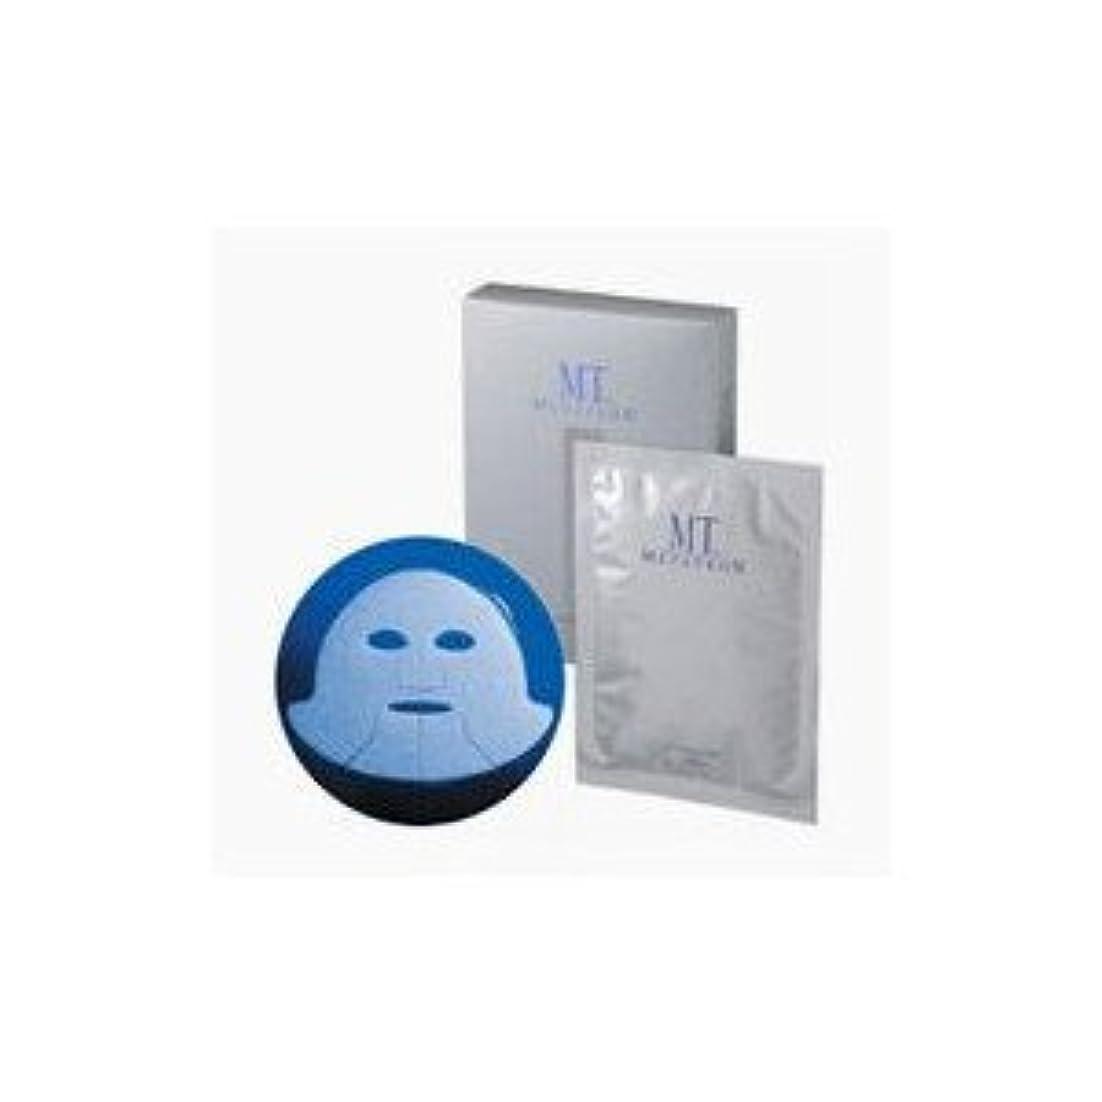 面積パンツ感謝MTメタトロン MT コントア マスク 6枚入り アウトレット